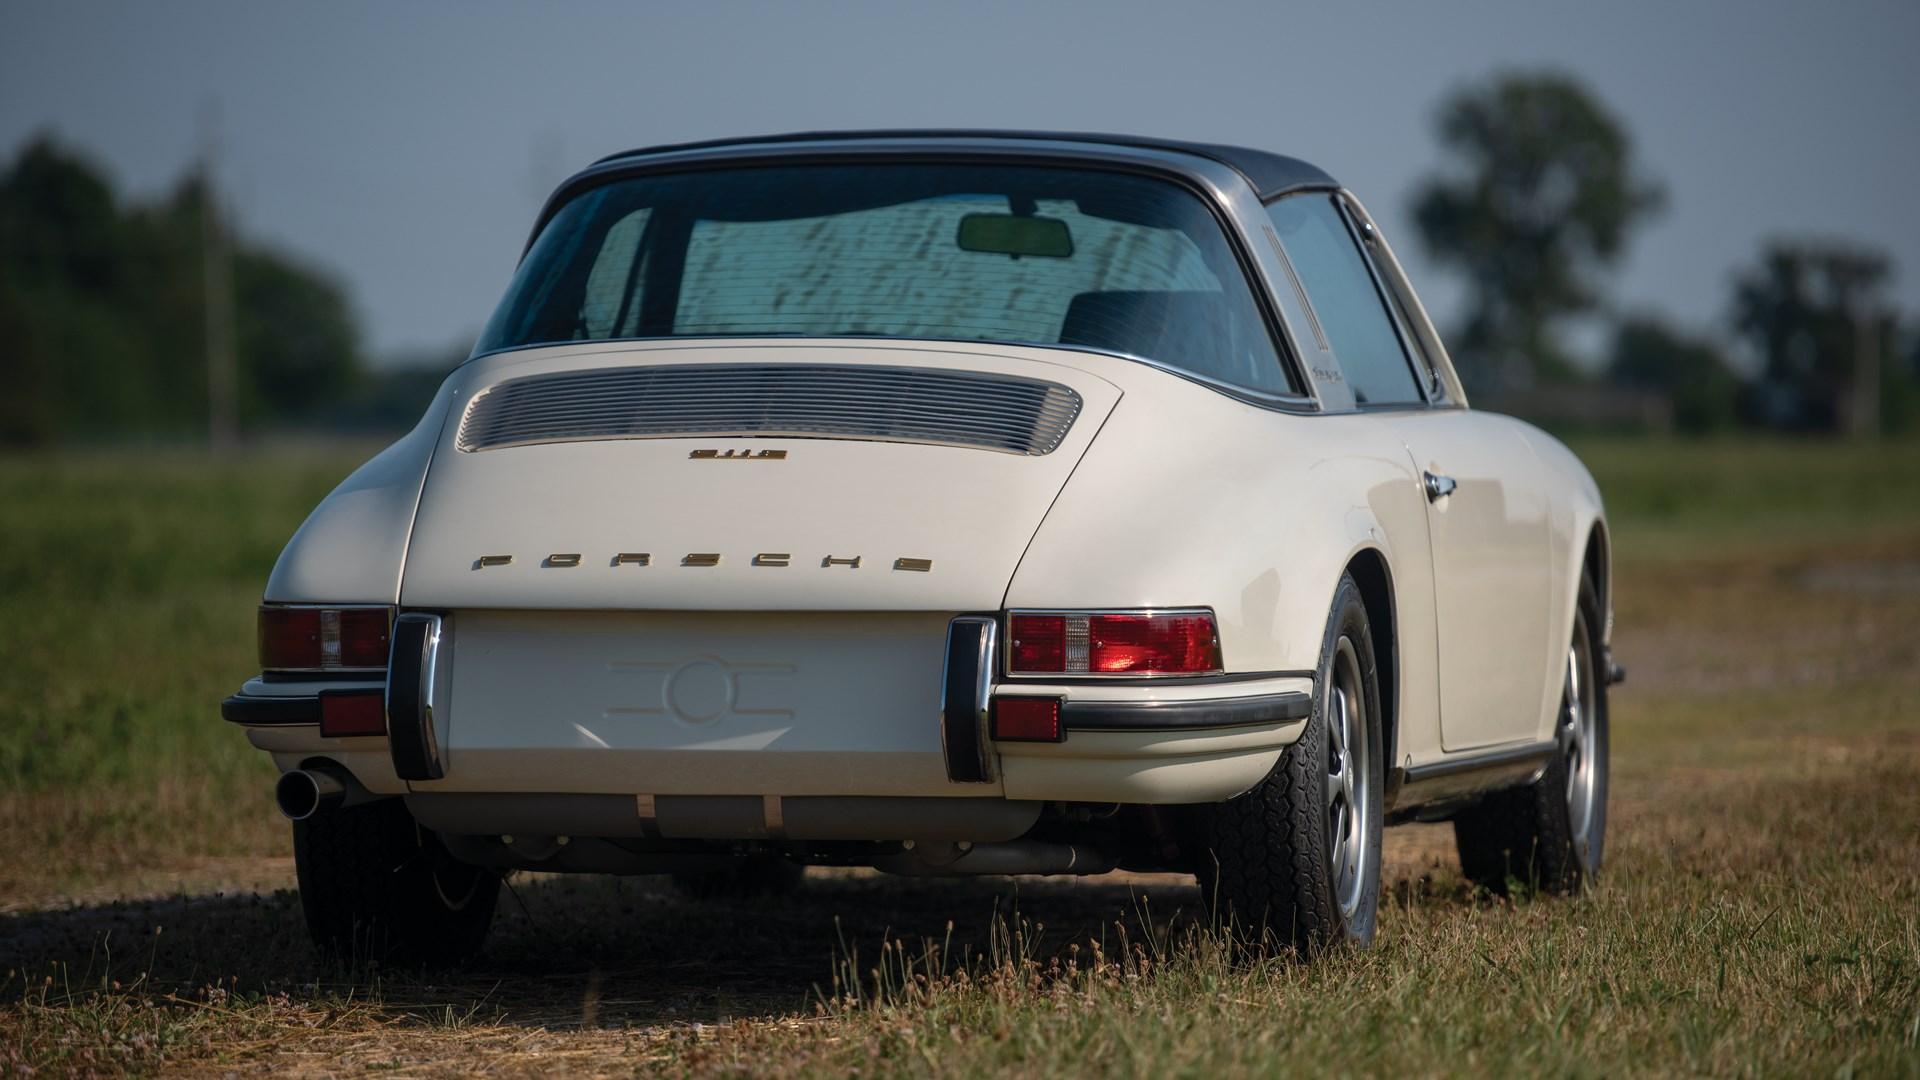 1971 Porsche 911 - Oldtimer zu verkaufen